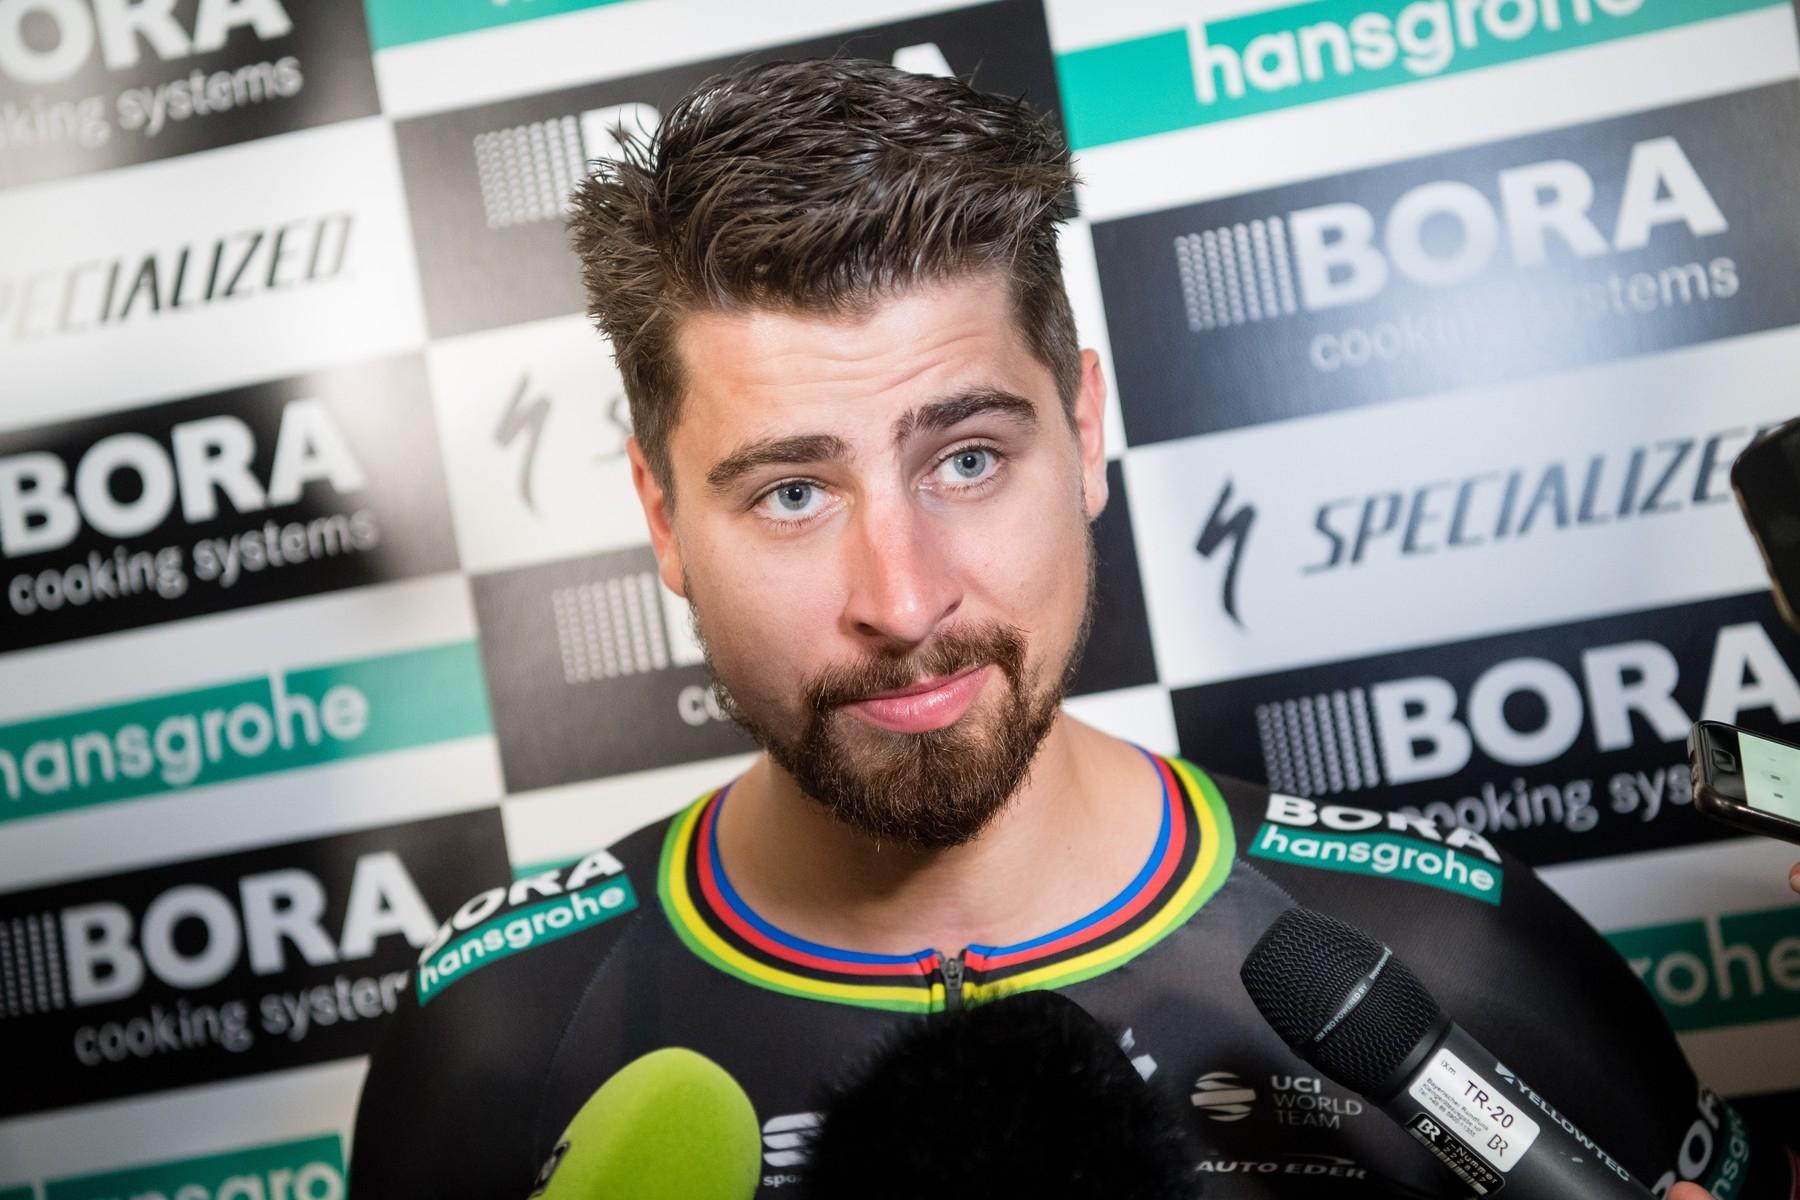 Slovenský cyklista Peter Sagan zodpovídal otázky novinářů na soustředění v Rakousku prostřednictvím videokonference. Foto: profimedia